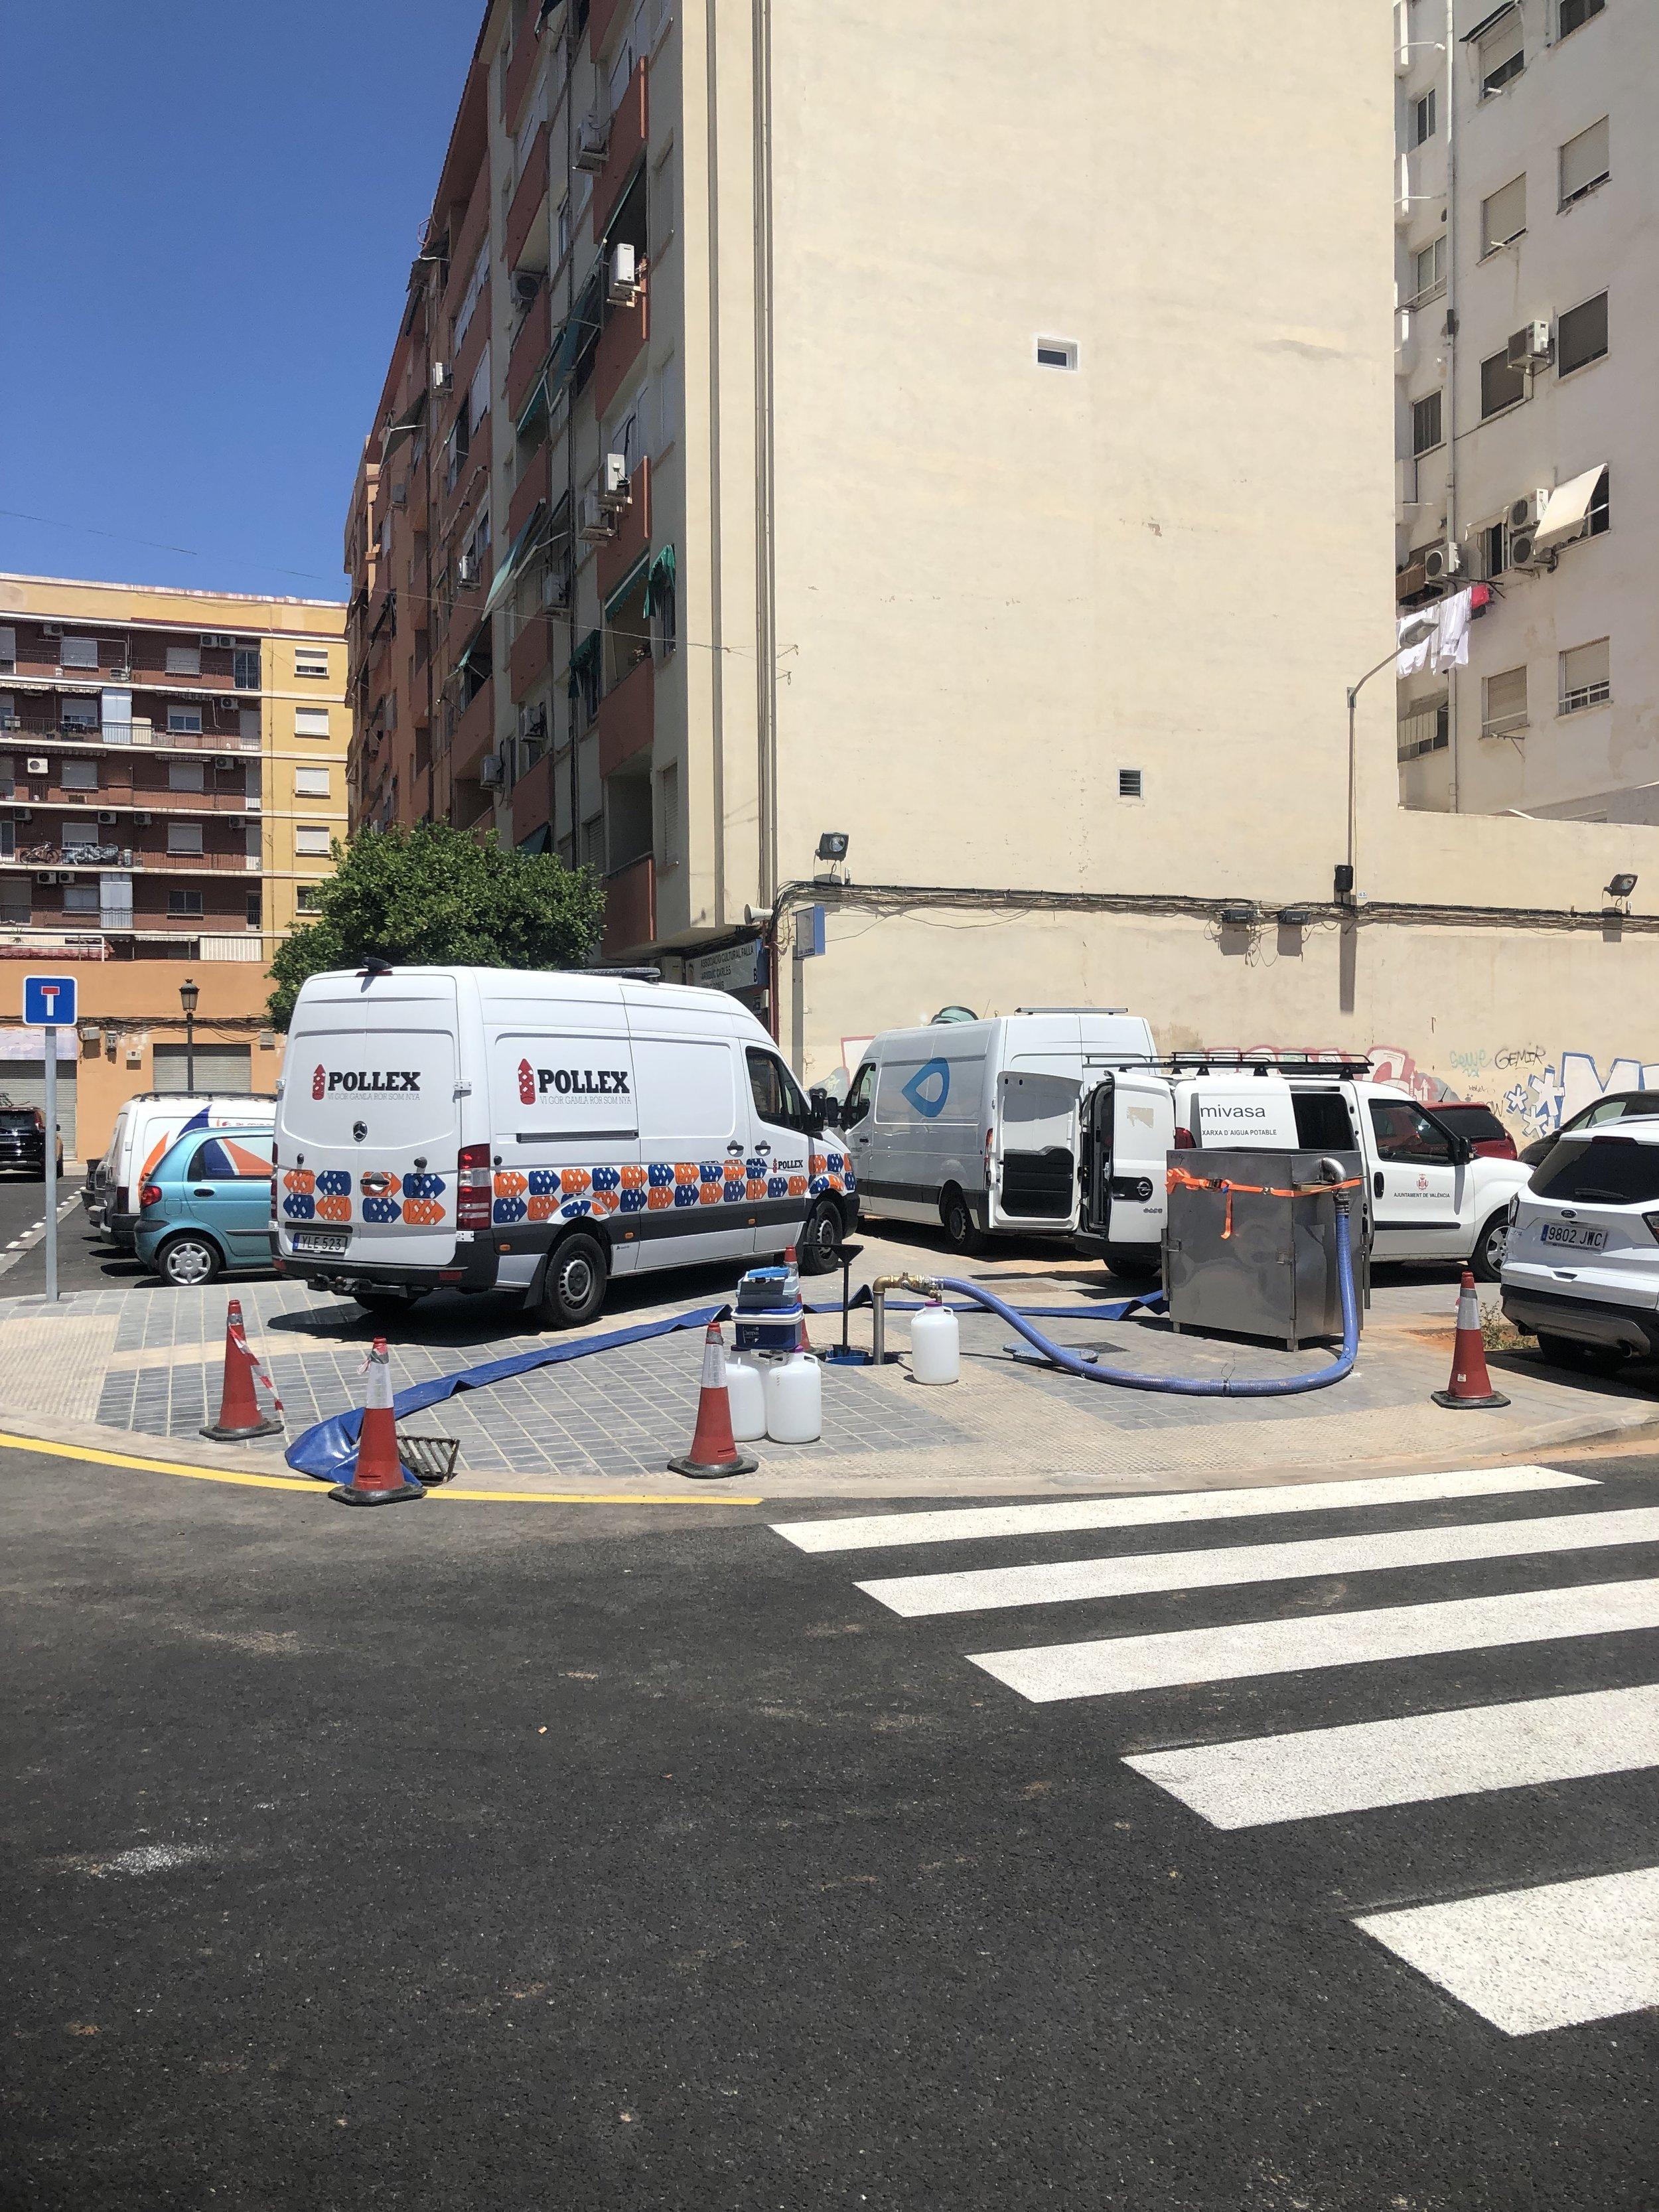 Pollex-LoV-Spanien-2019-7.jpg